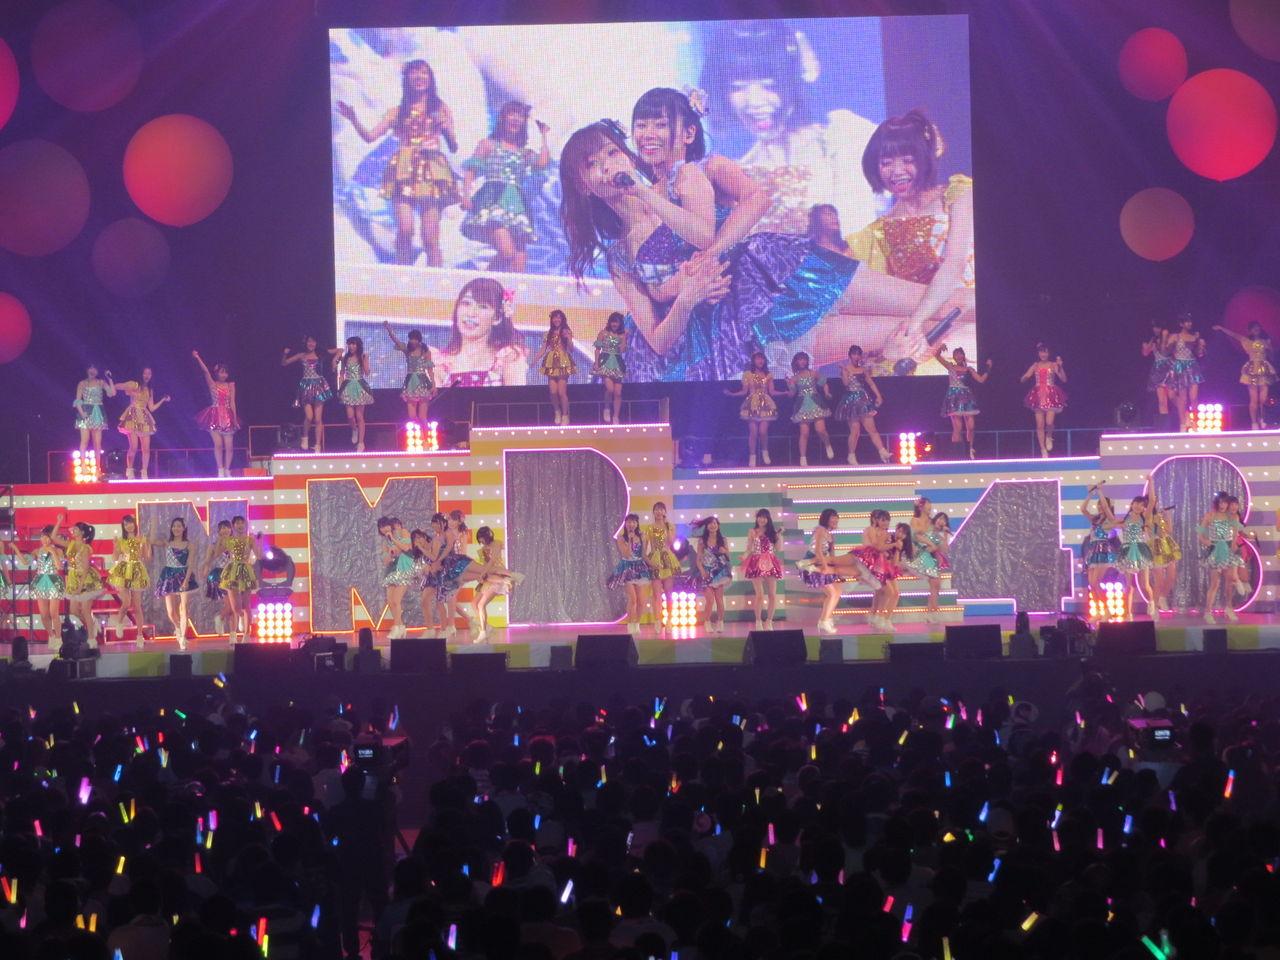 【実況・セットリスト】NMB48アリーナツアー2017@日本ガイシホール まとめ